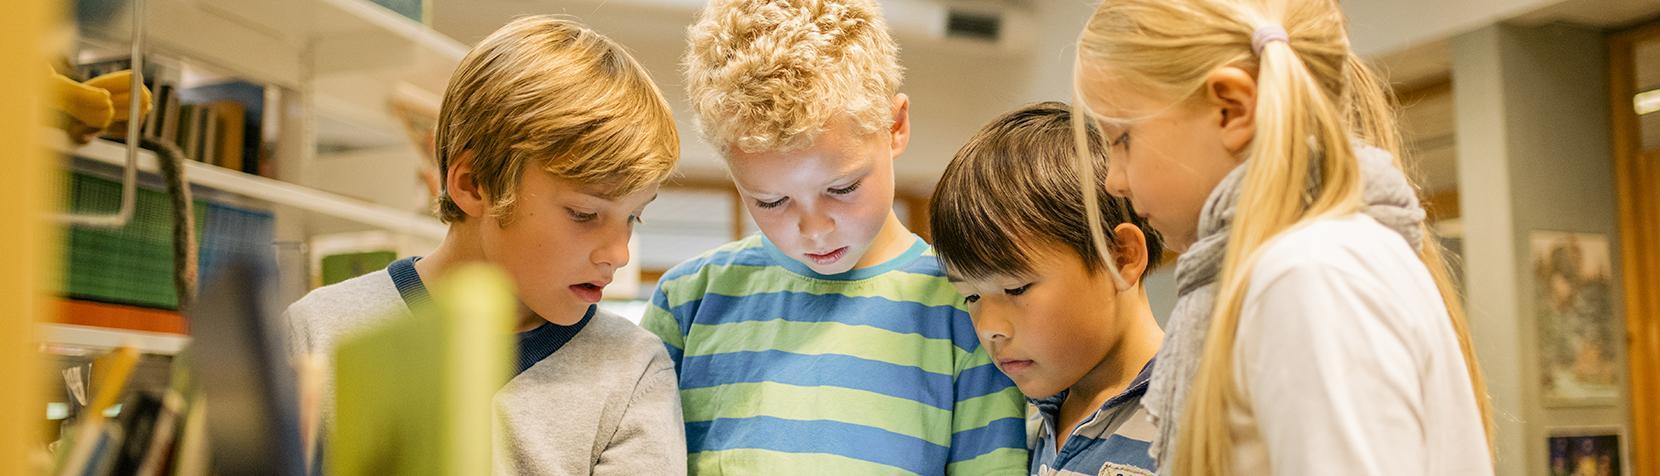 Skolebørn kigger på iPad